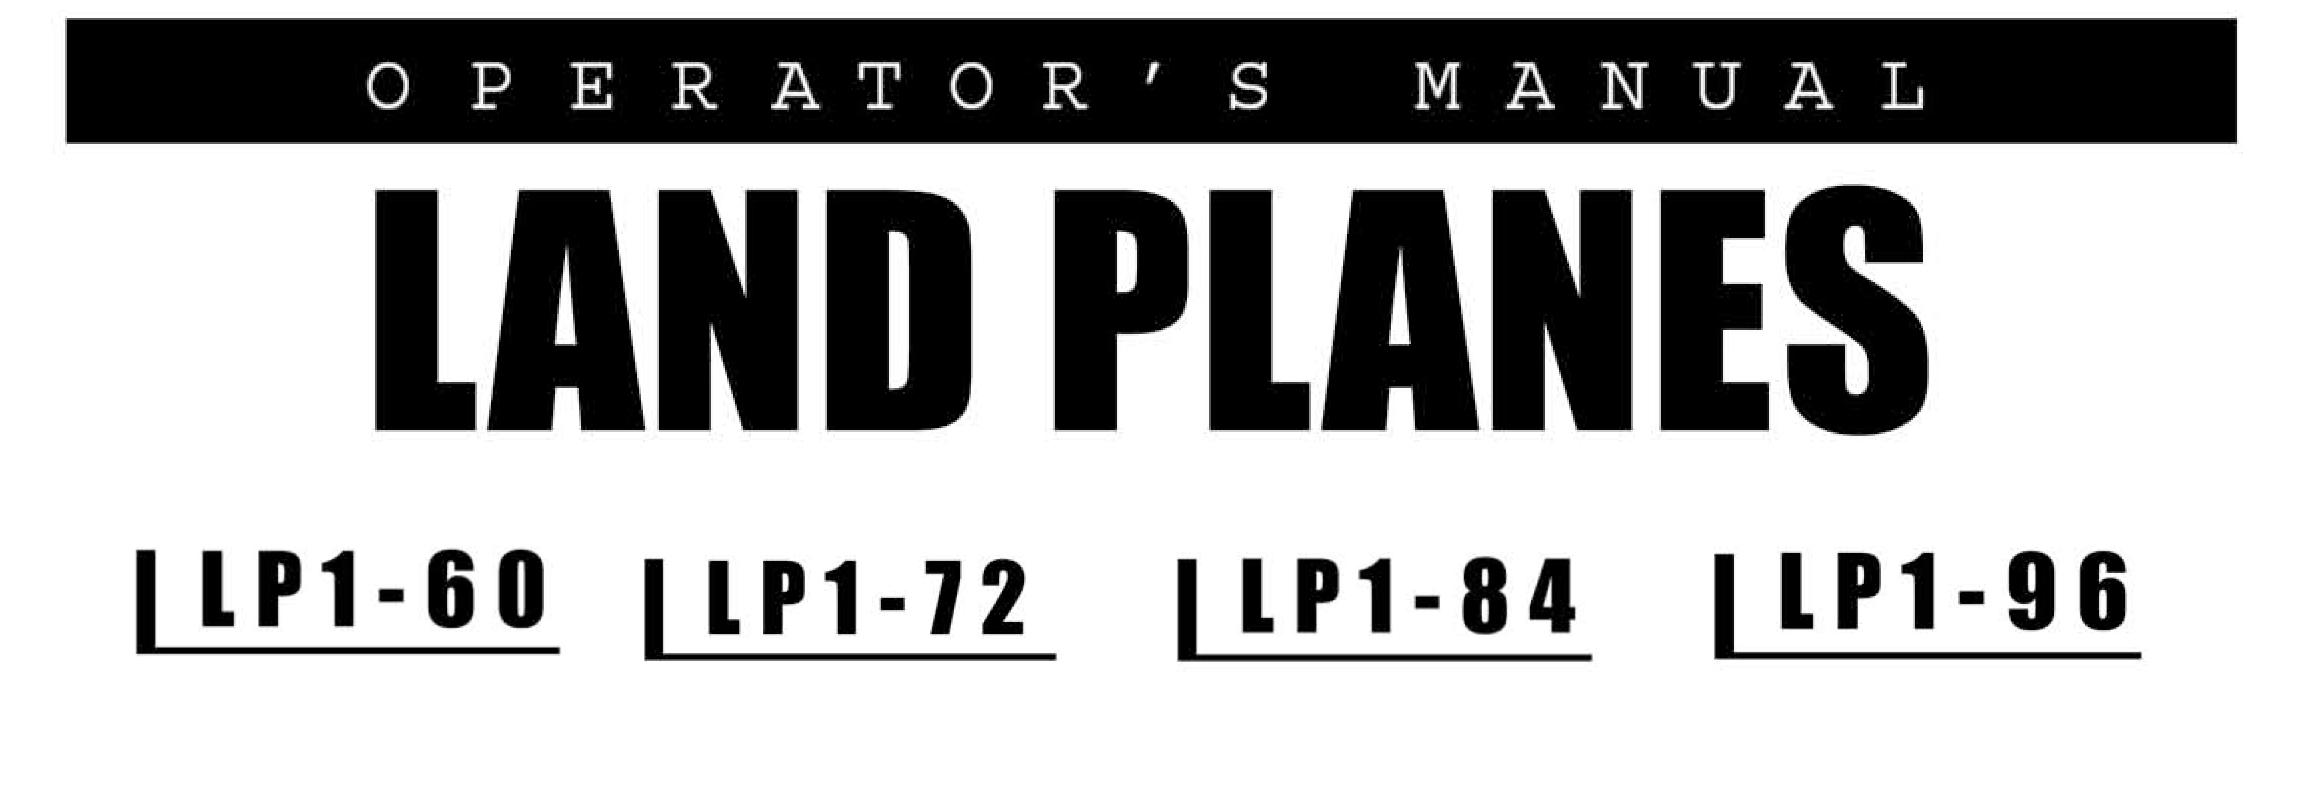 LP1 Series Owners Manual